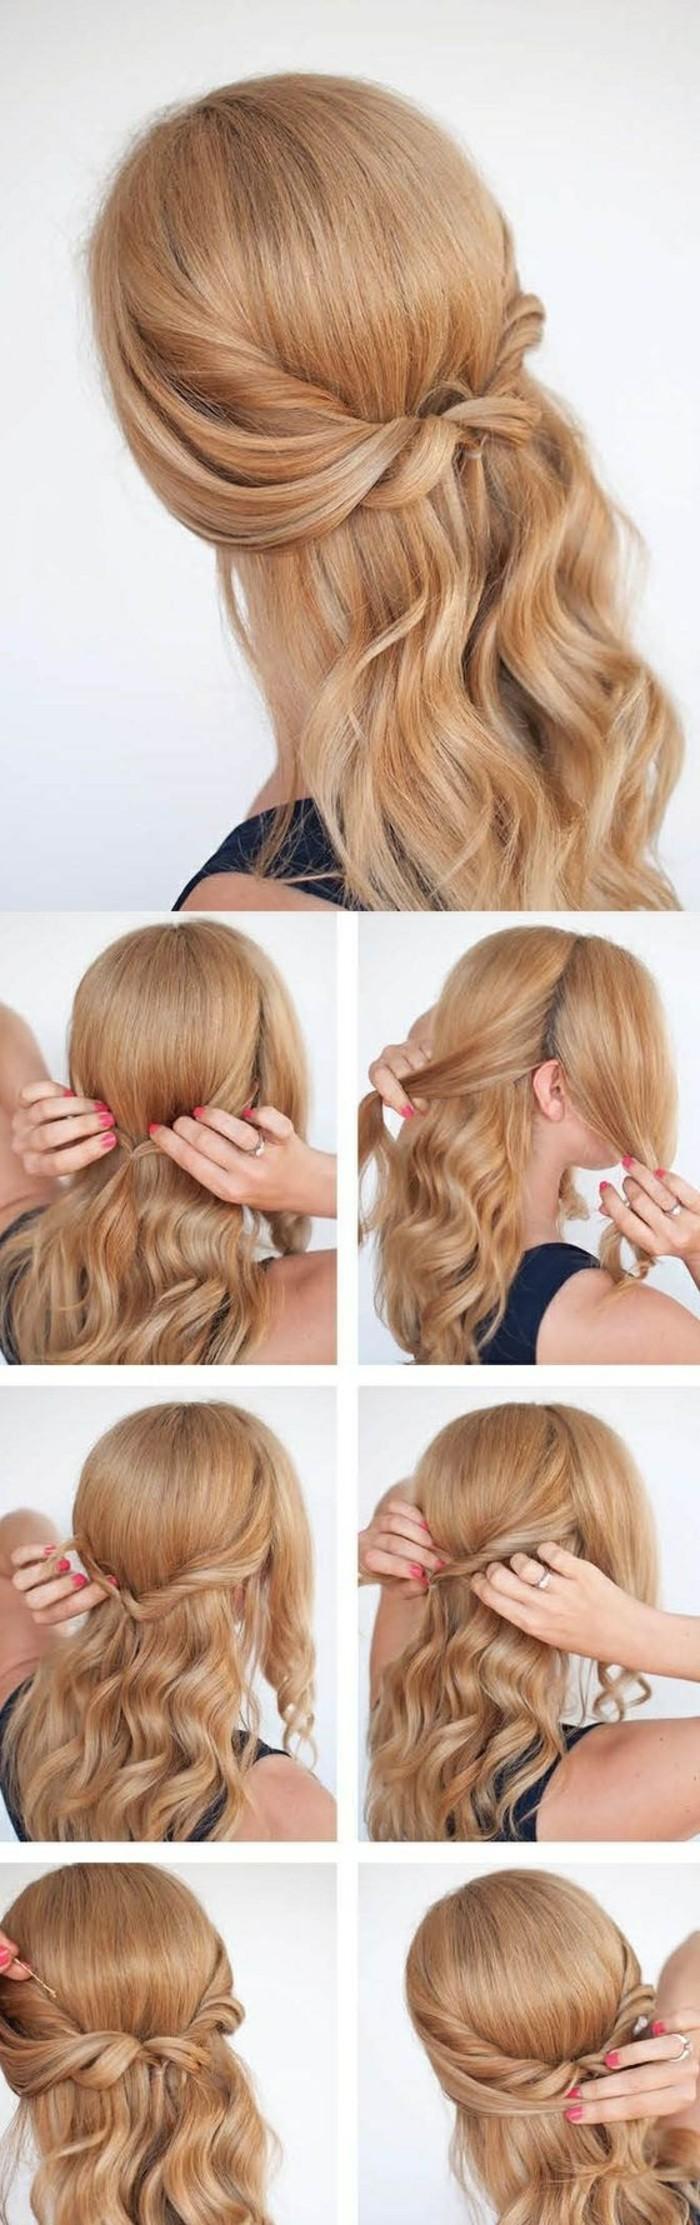 Acconciature capelli sciolti, capelli di colore biondo, chioma arrotolata e legata